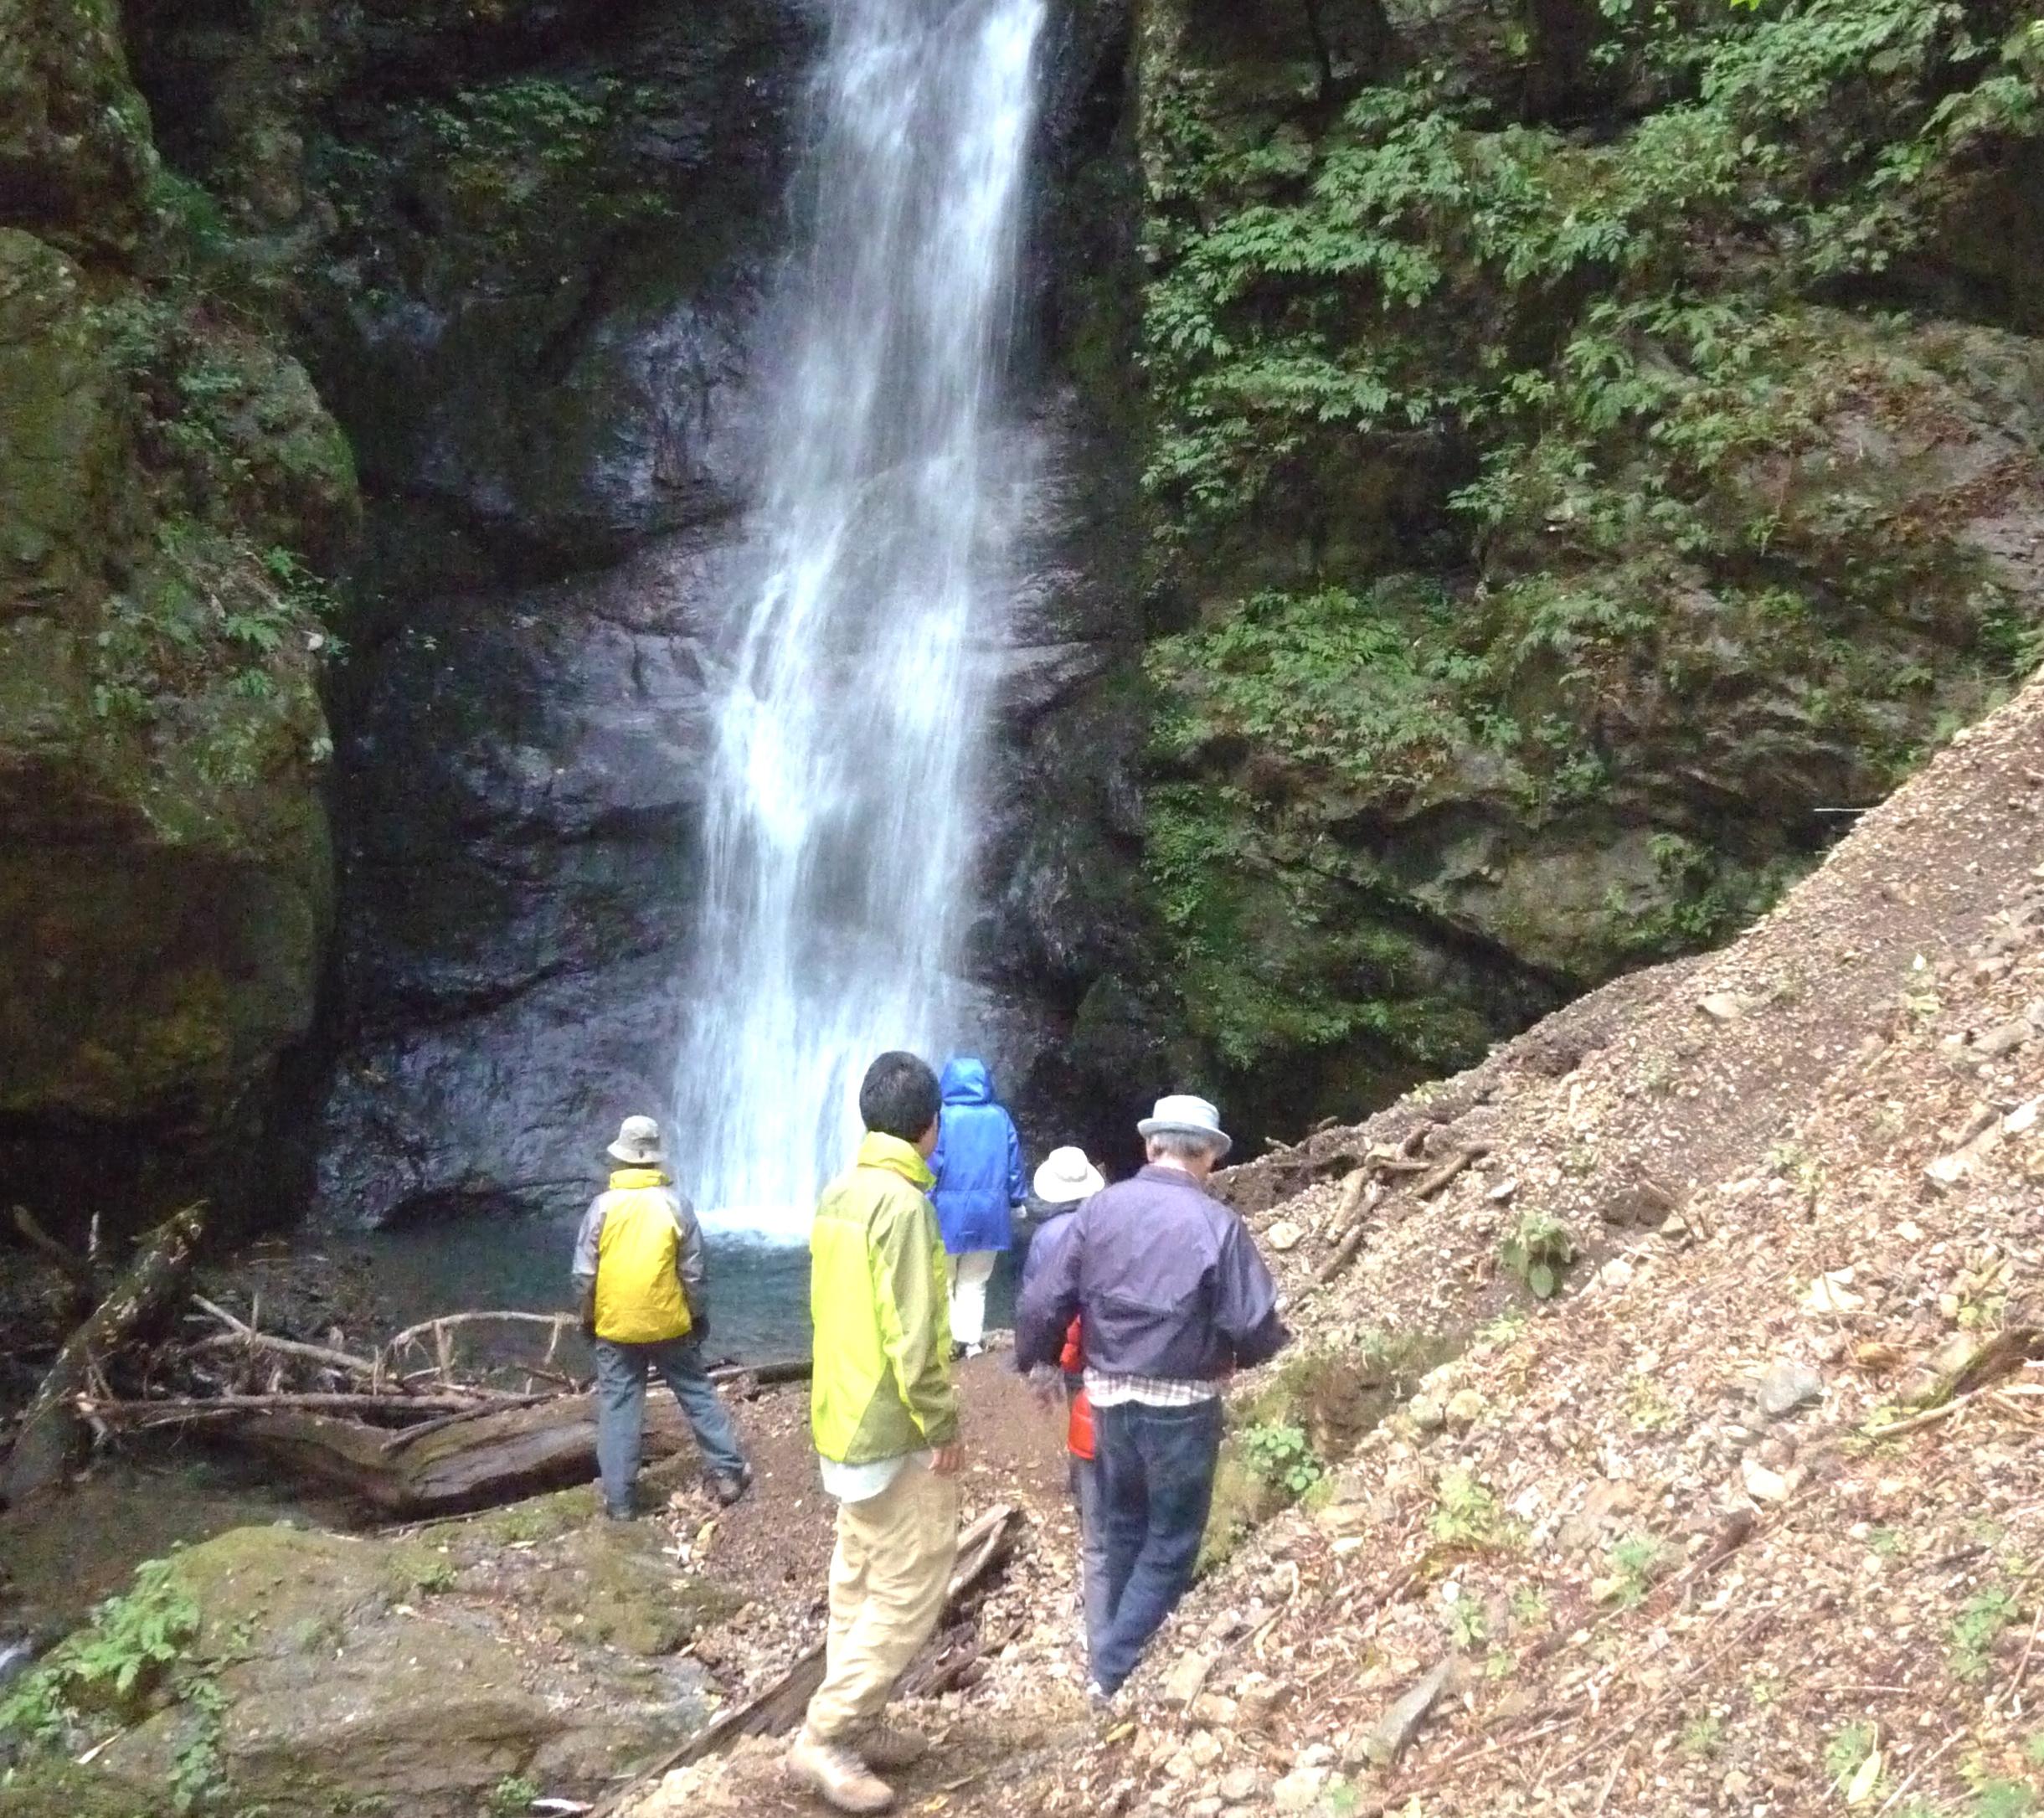 中之沢源流域自然散策路(オボロカヤの滝)